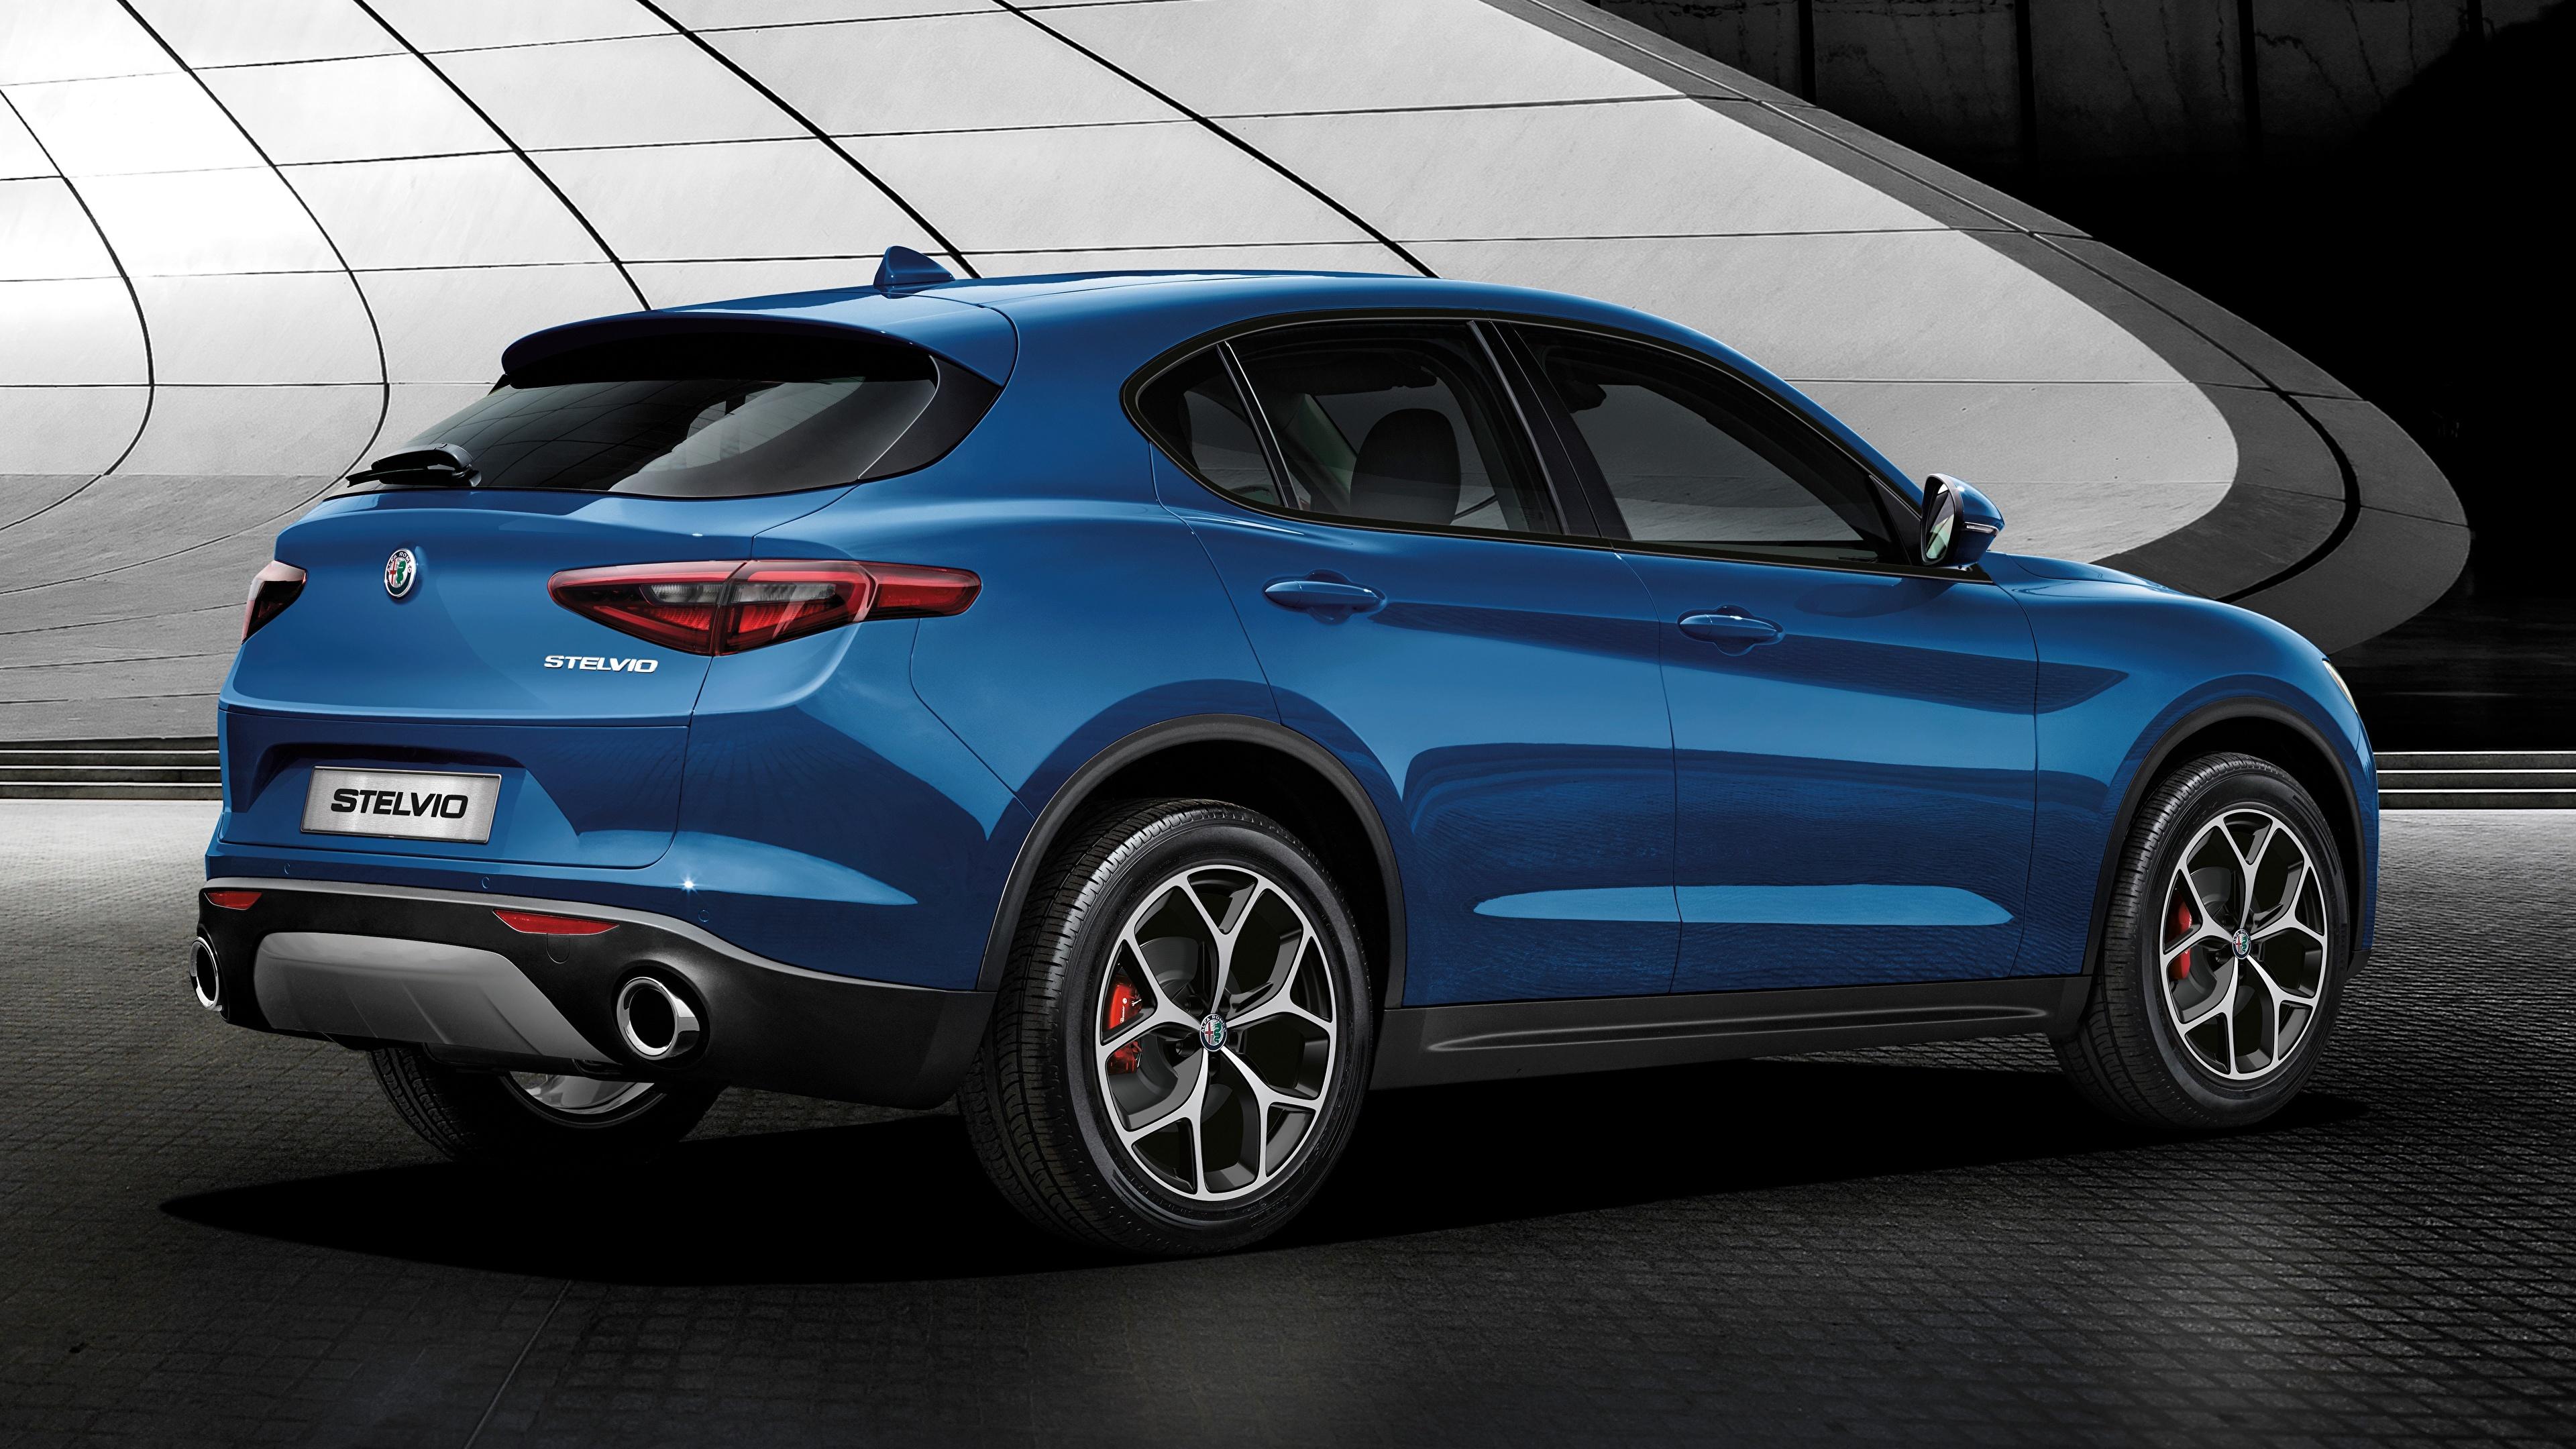 Картинка Альфа ромео CUV Stelvio, Sport, 2018 синих Автомобили 3840x2160 Alfa Romeo Кроссовер синяя синие Синий авто машины машина автомобиль